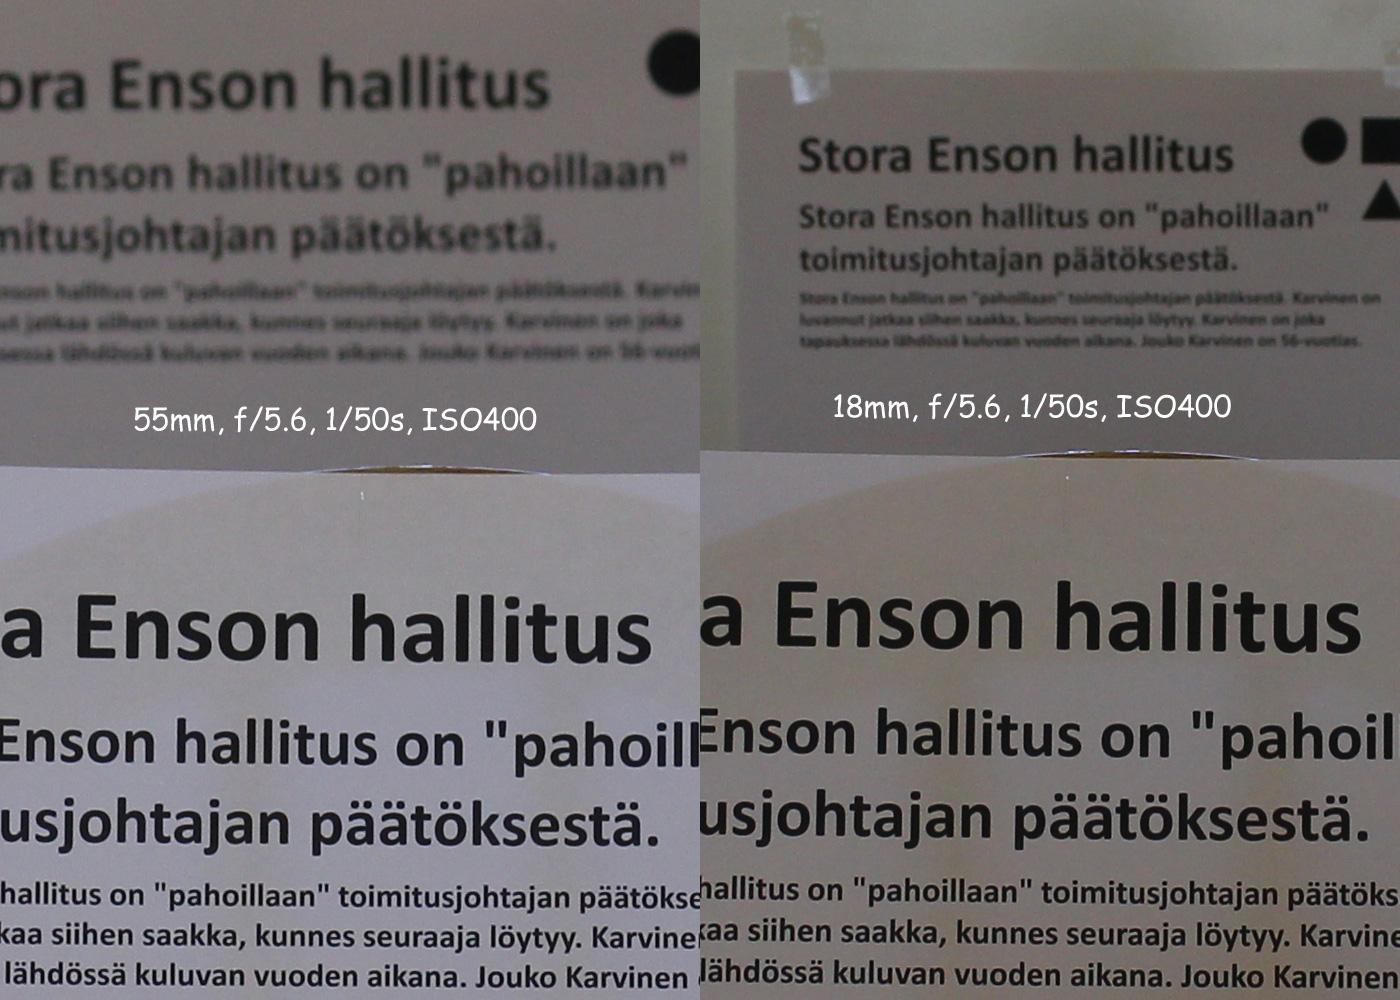 Molemmissa kuvissa on käytetty samaa aukkoa f/5.6